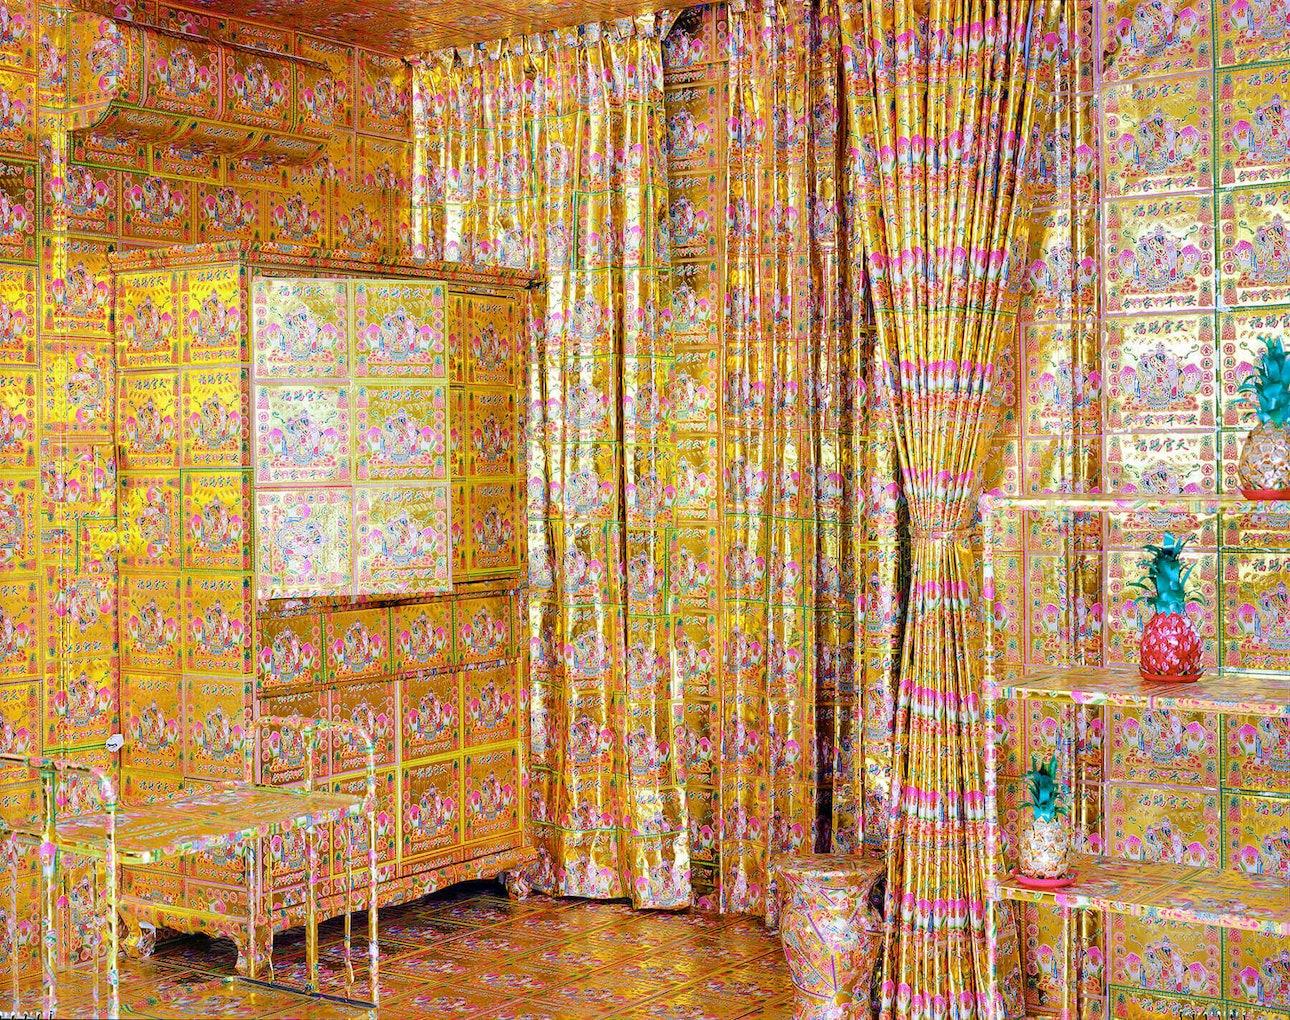 Gold Condo Room (1) (1) (1)